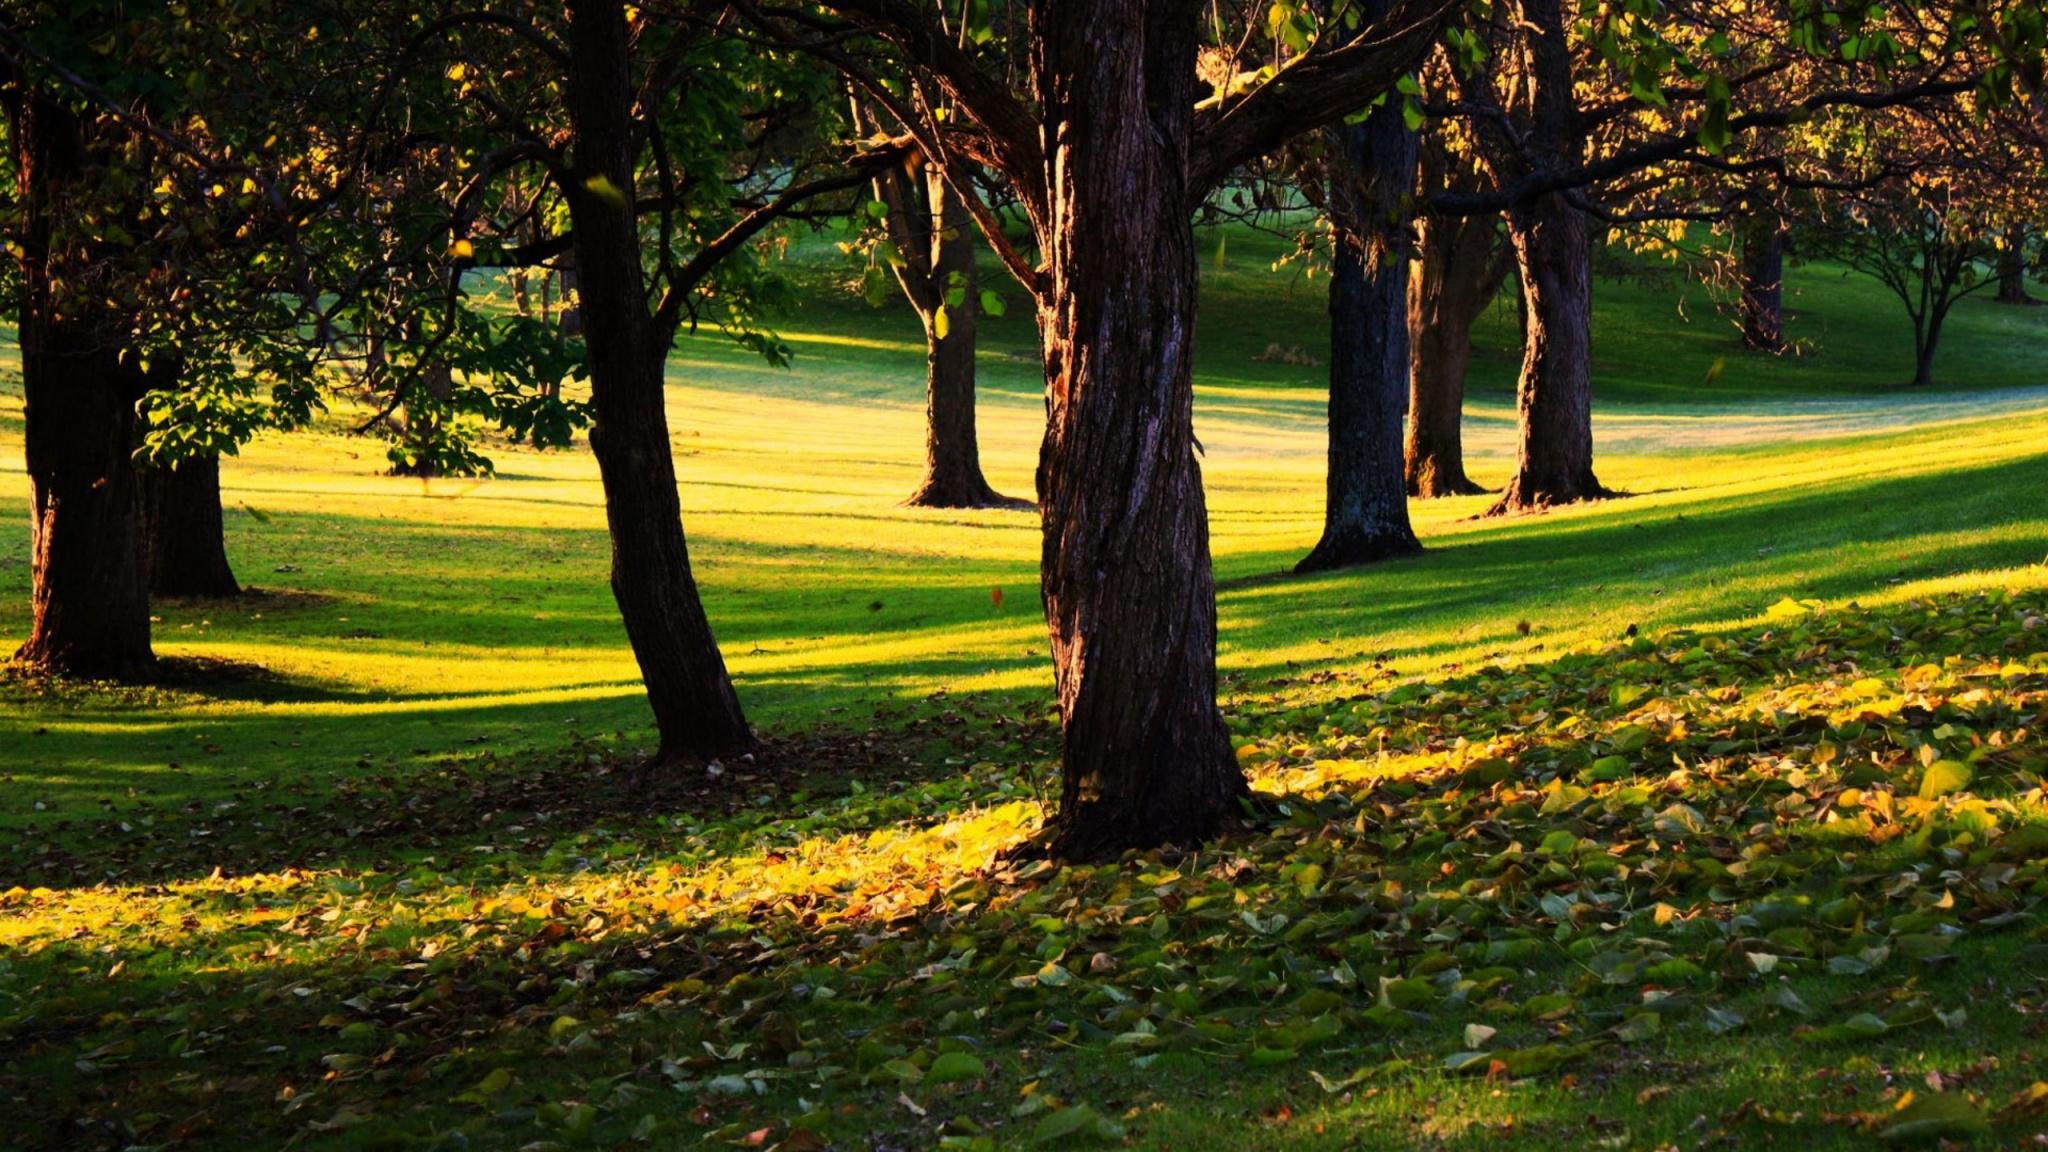 2048 x 1152 wallpaper http wallpaperstagnet view trees 2048x1152 2048x1152